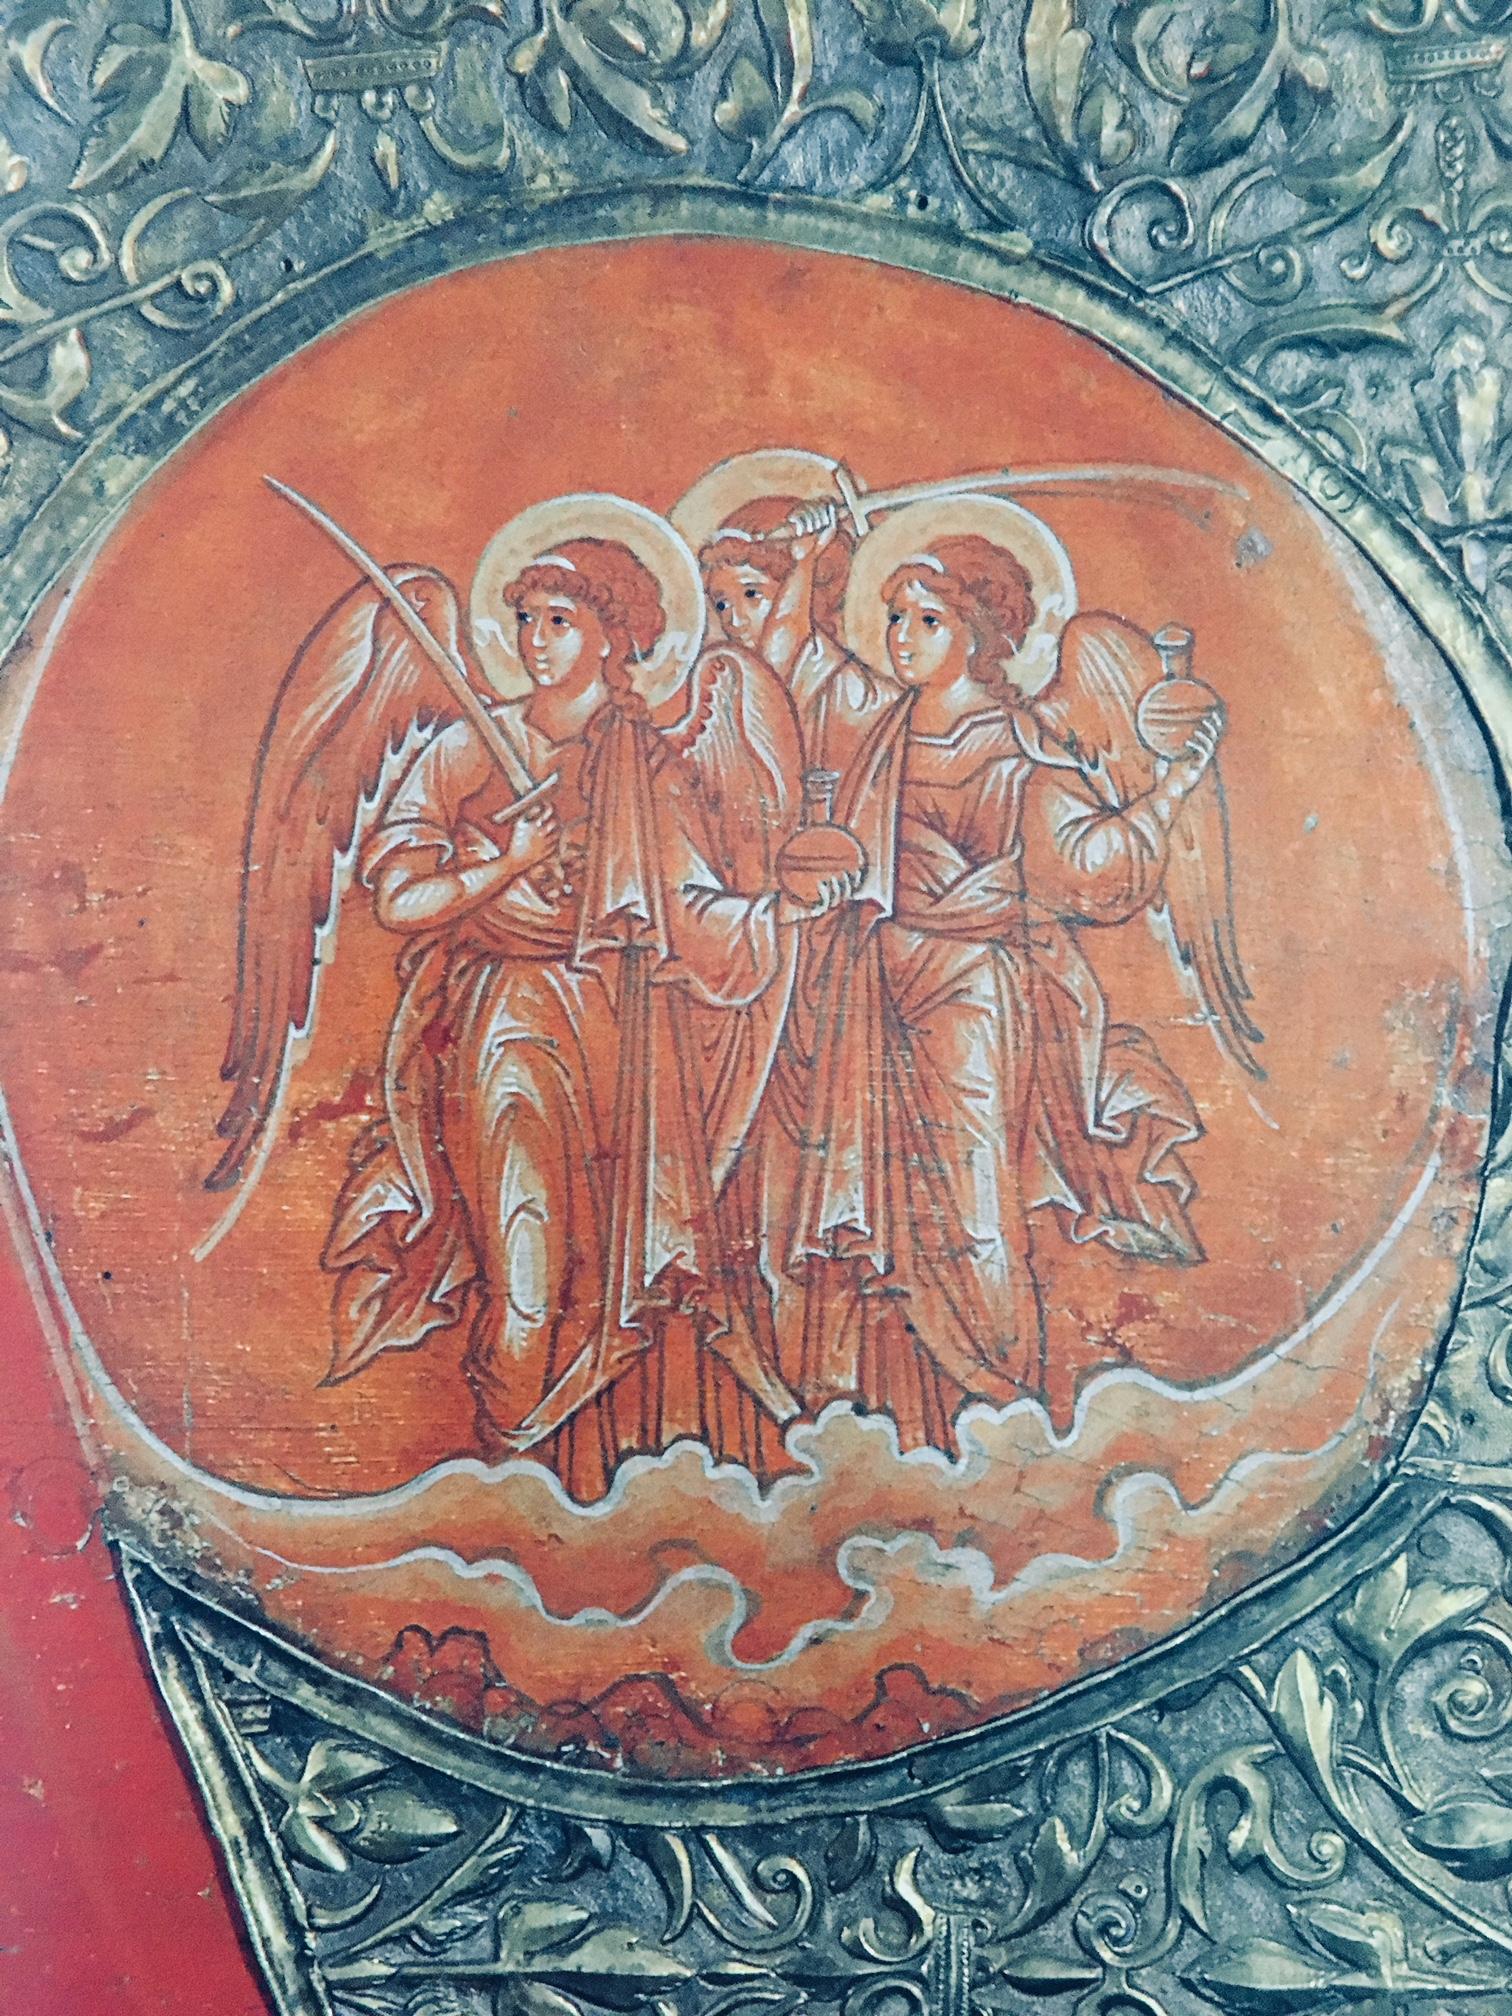 Angels in Battle